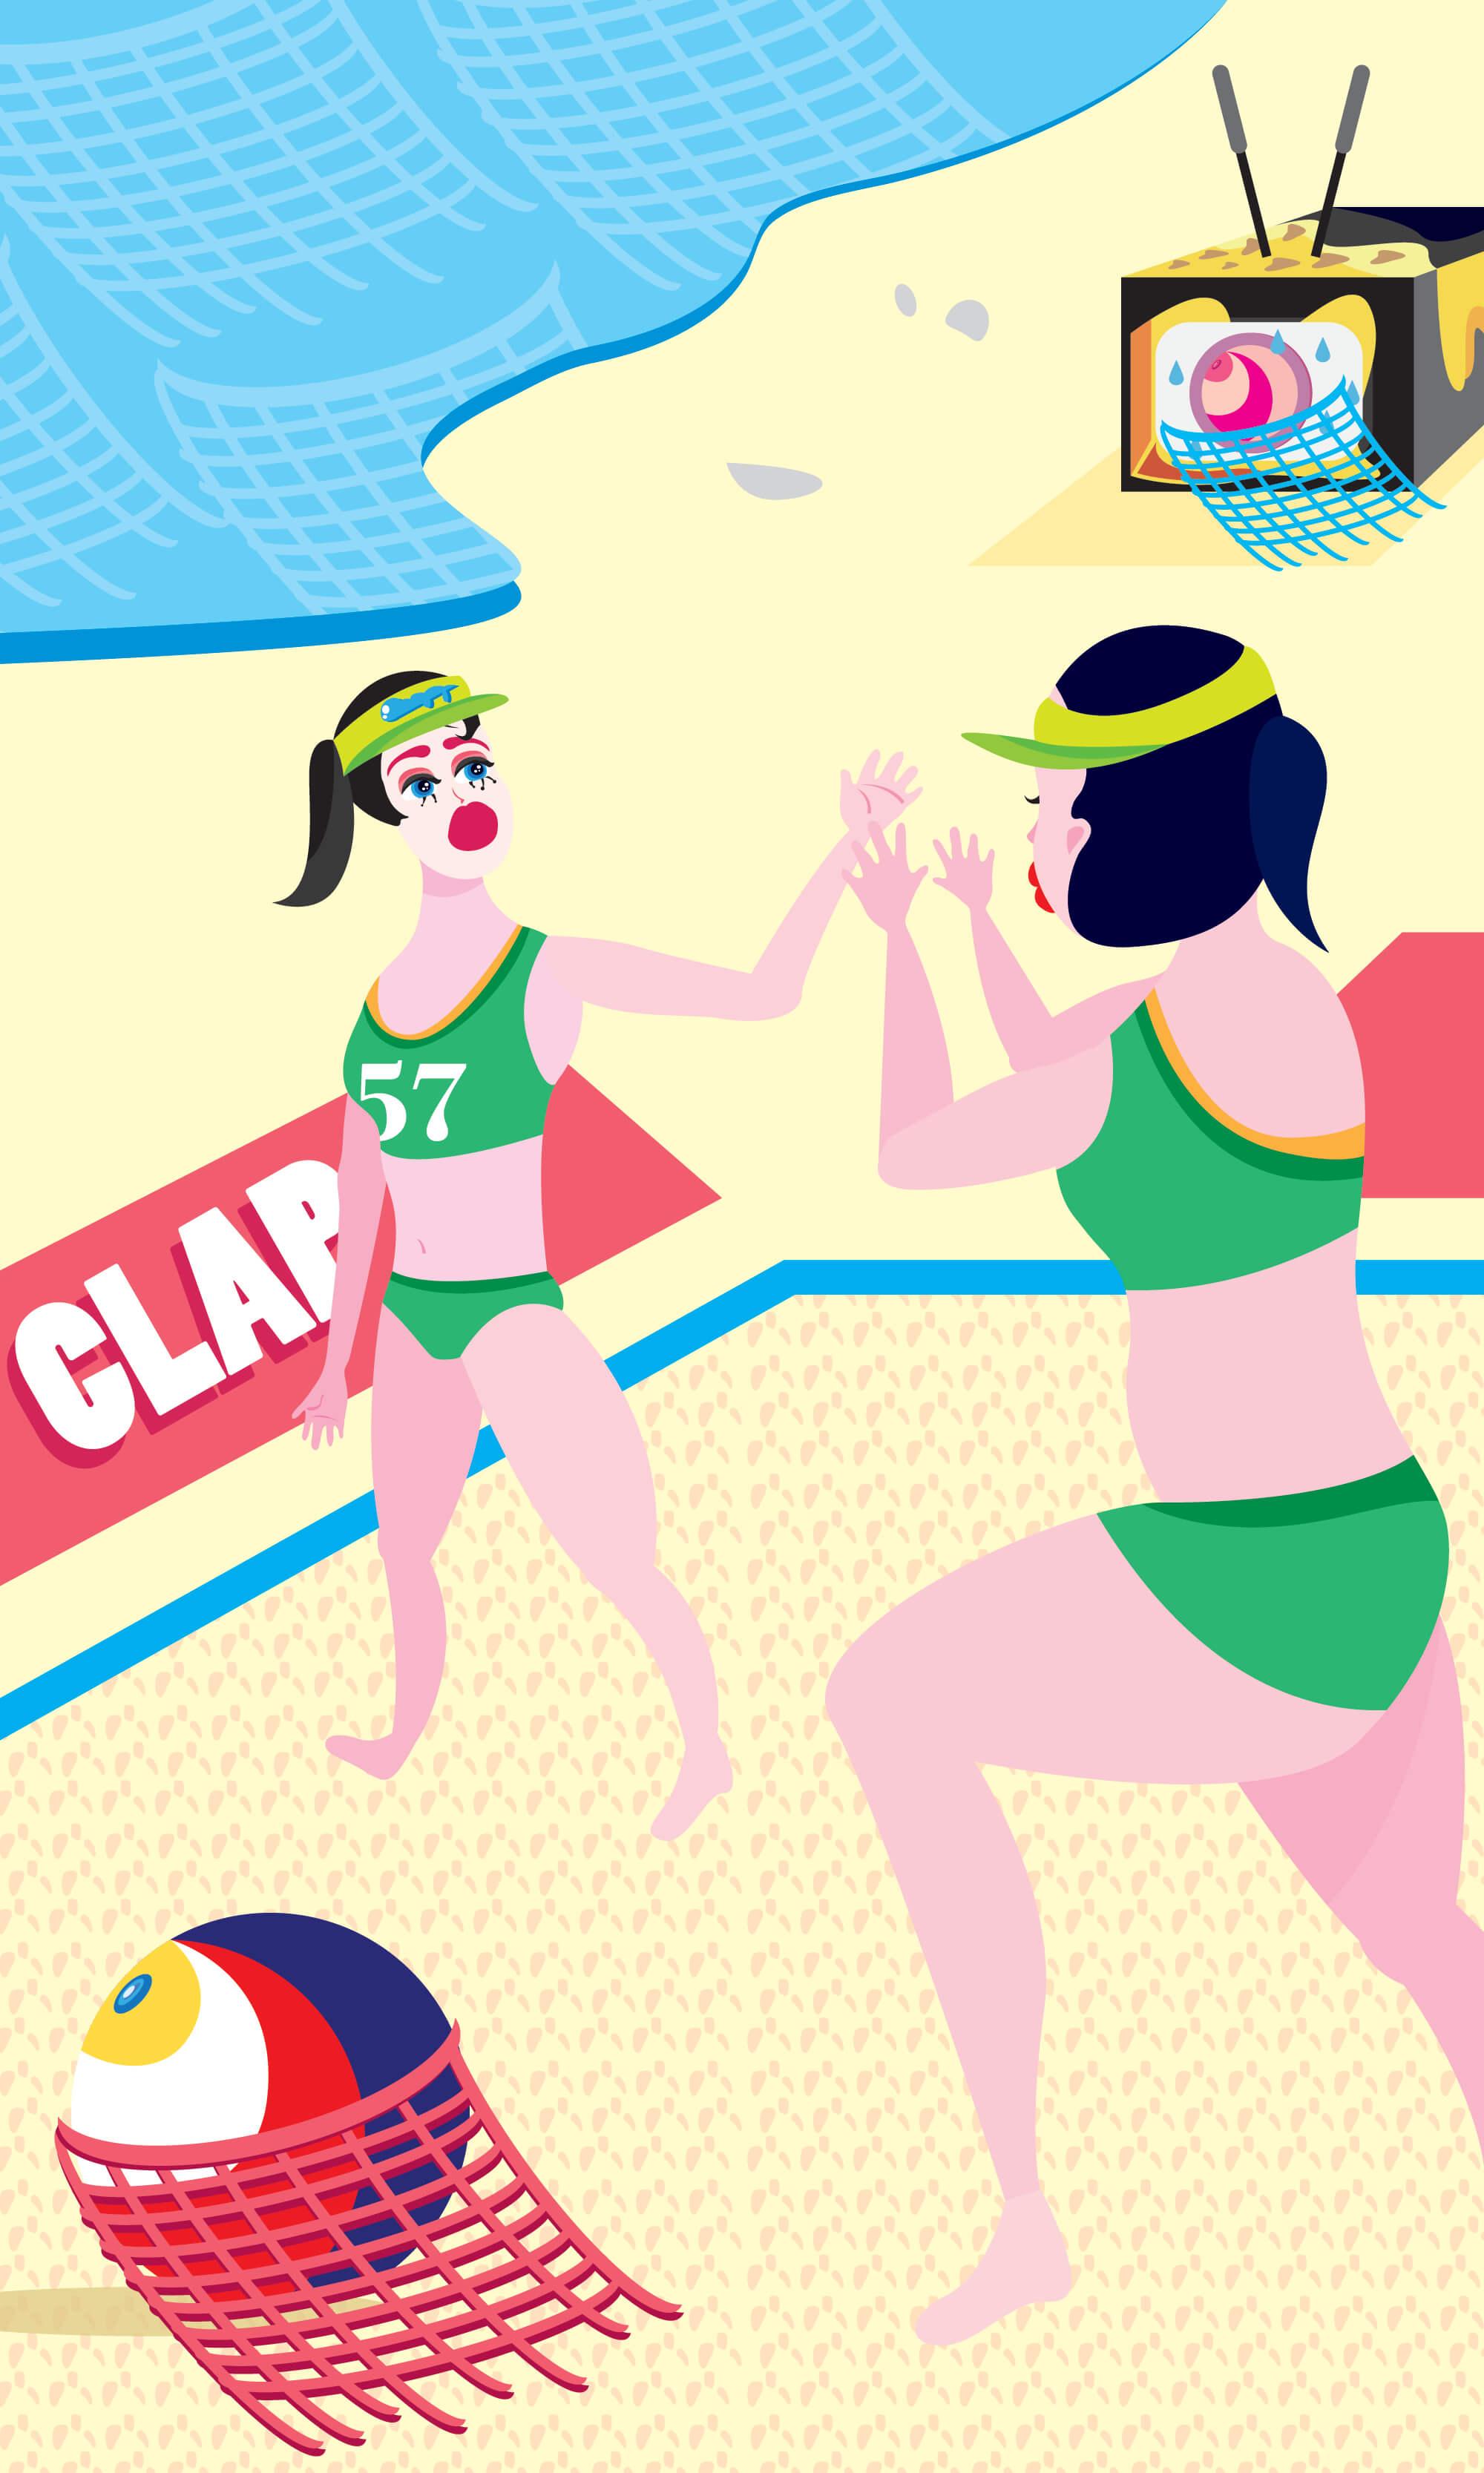 2.한라윤_CLAP_Adobe Illustrator_16.93x28.22cm_2015